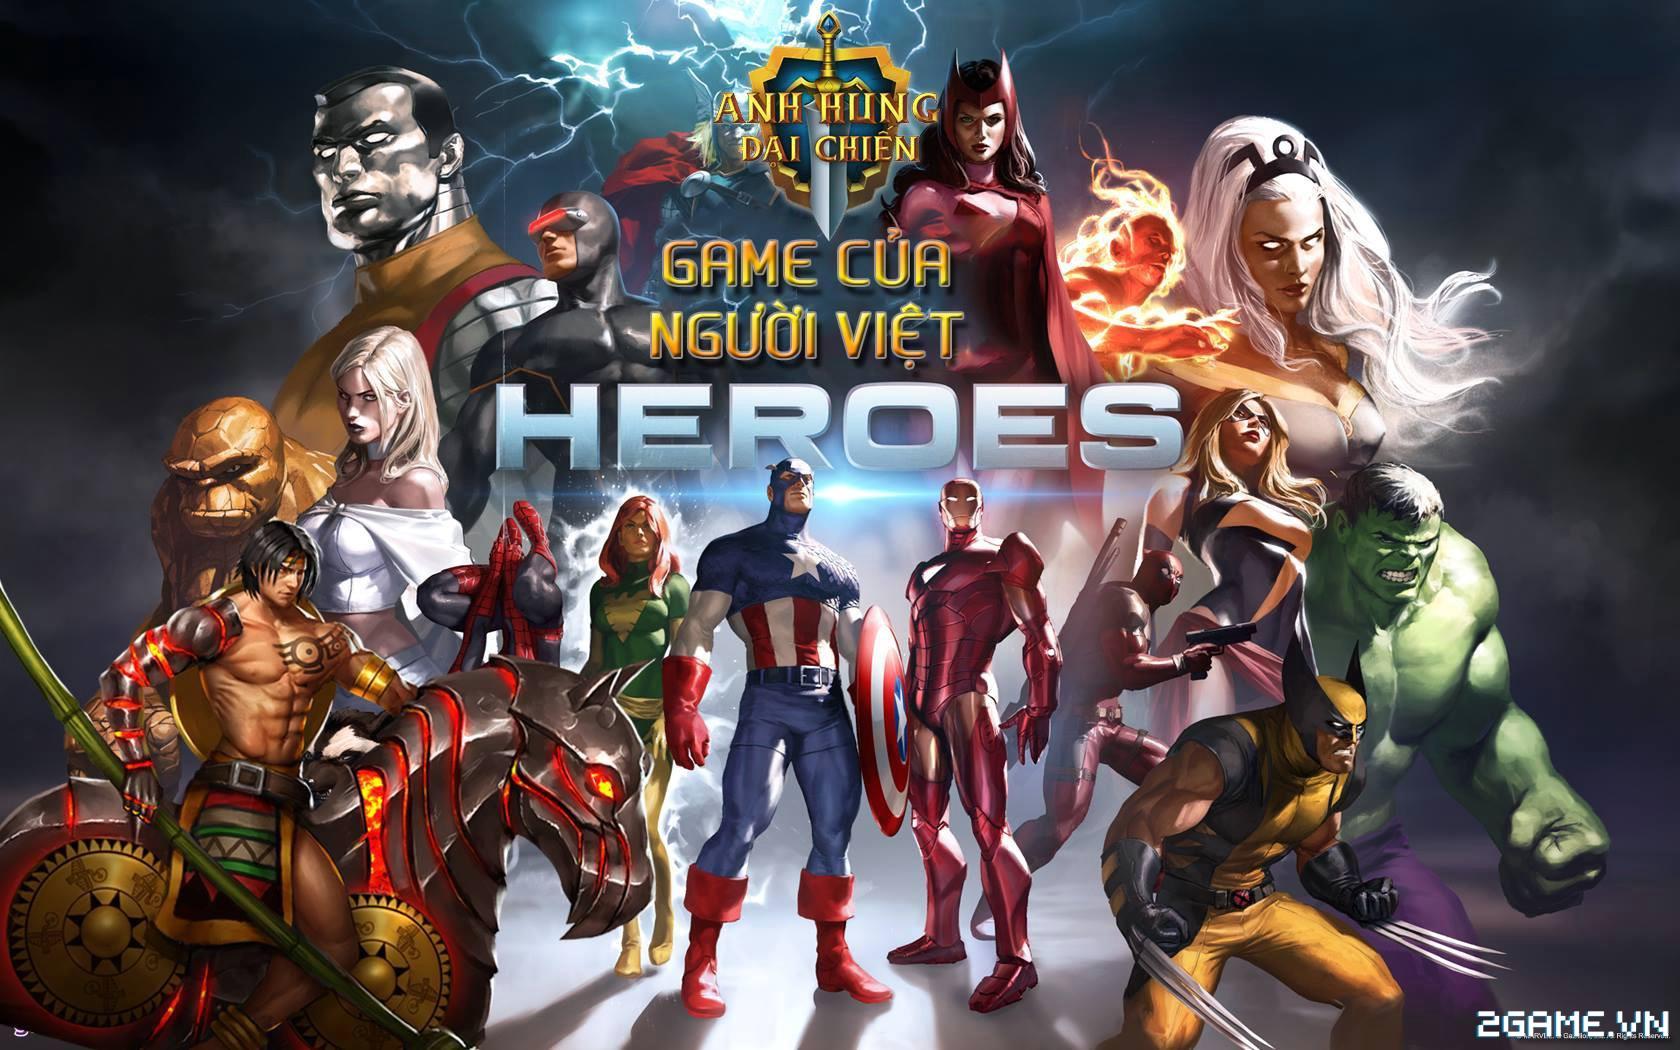 SohaGame sẽ phát hành game Việt Anh Hùng Đại Chiến Mobile 0